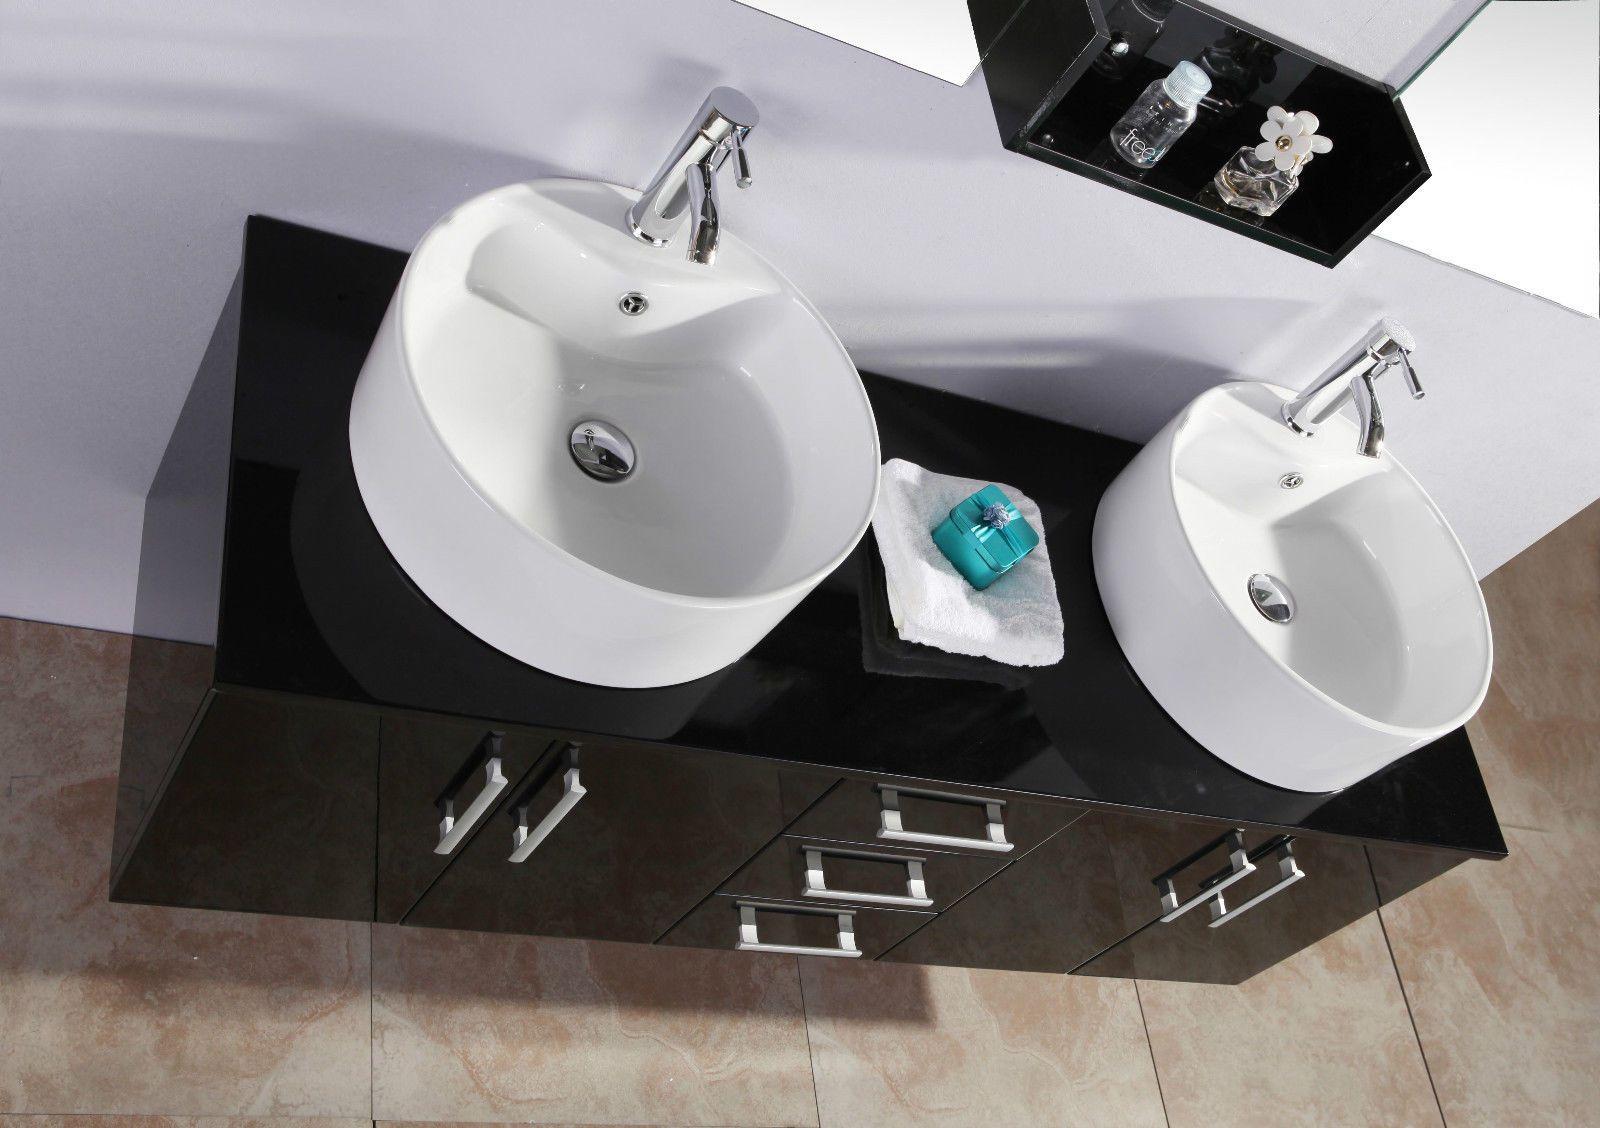 Mobile da bagno diana 150 cm doppio lavabo bianco e cristallo nero - Doppio lavabo da appoggio bagno ...